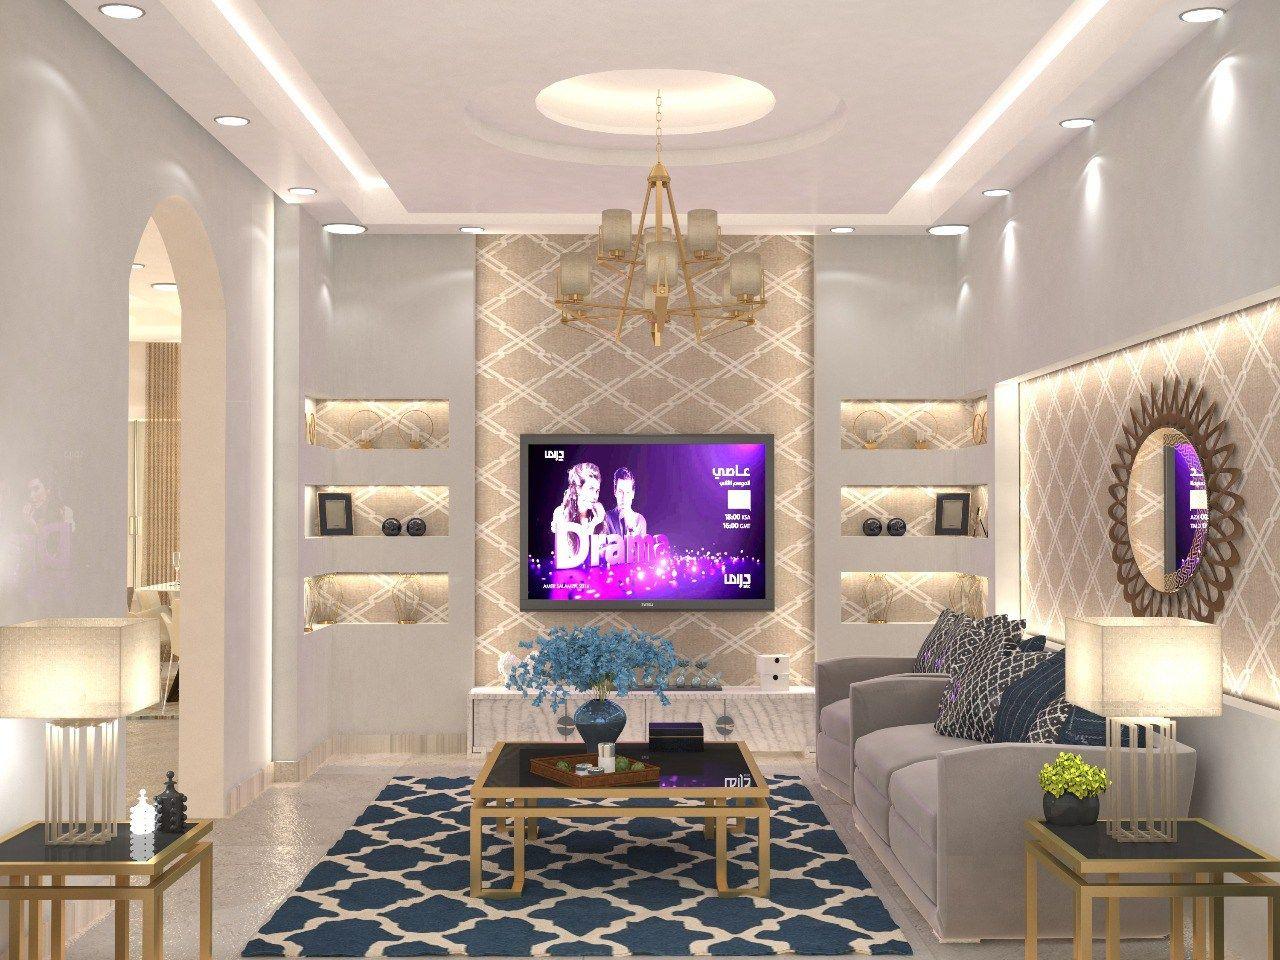 مجالس نساء بازار للتصميم الداخلي و الديكور False Ceiling Living Room Living Hall Design Living Room Colors